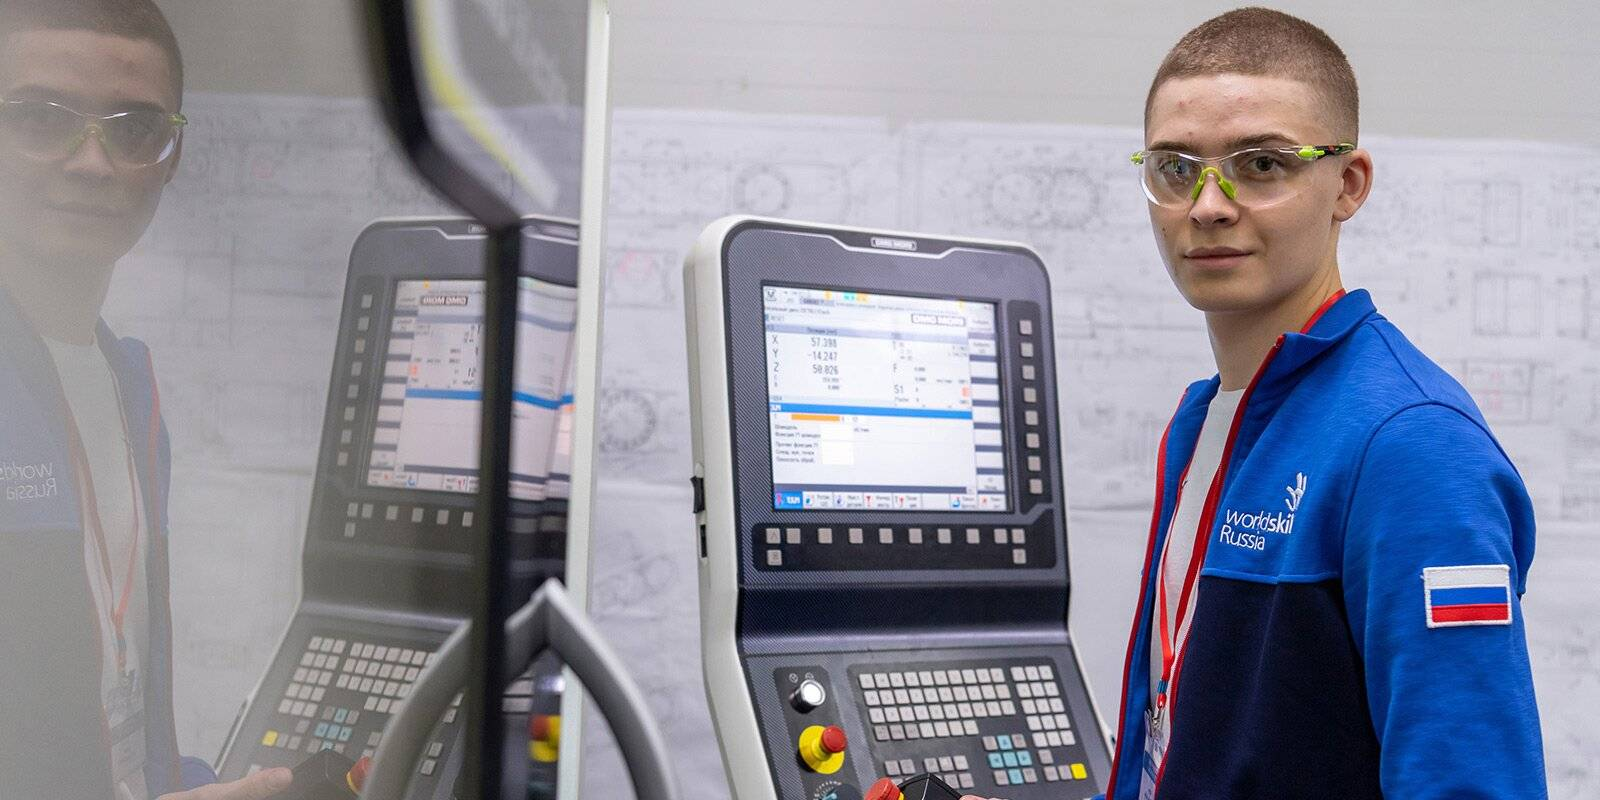 Москвичи завоевали более 50% золотых медалей на чемпионате WorldSkills